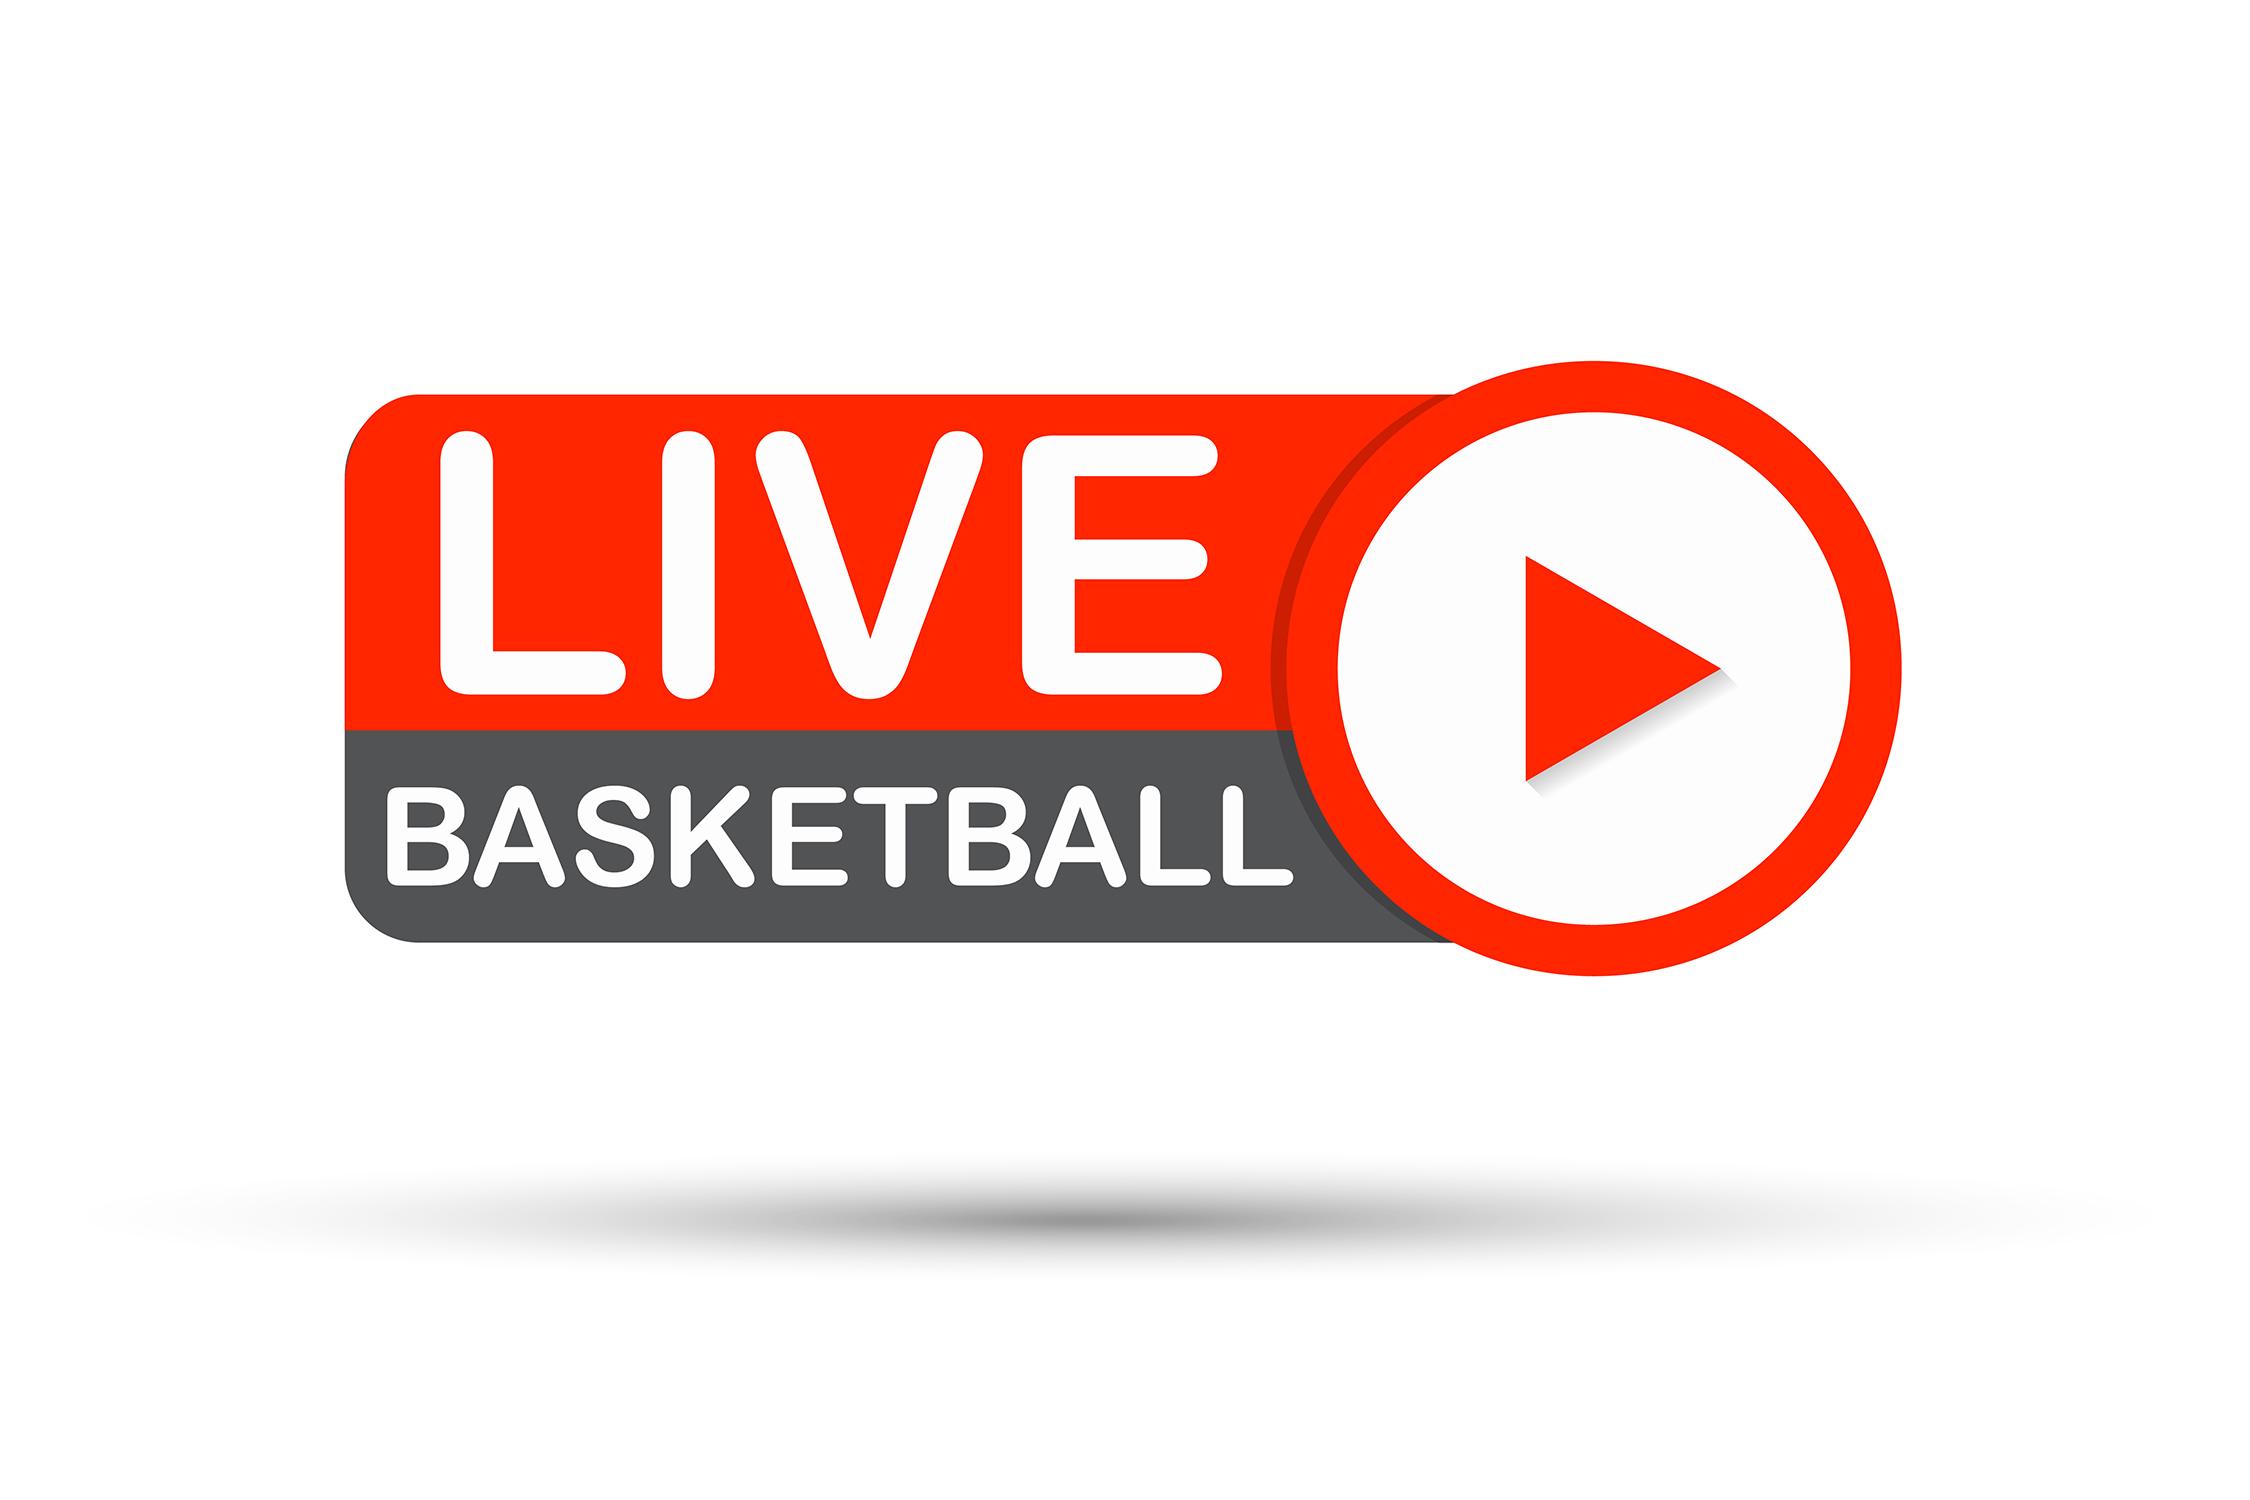 Live basketball icon